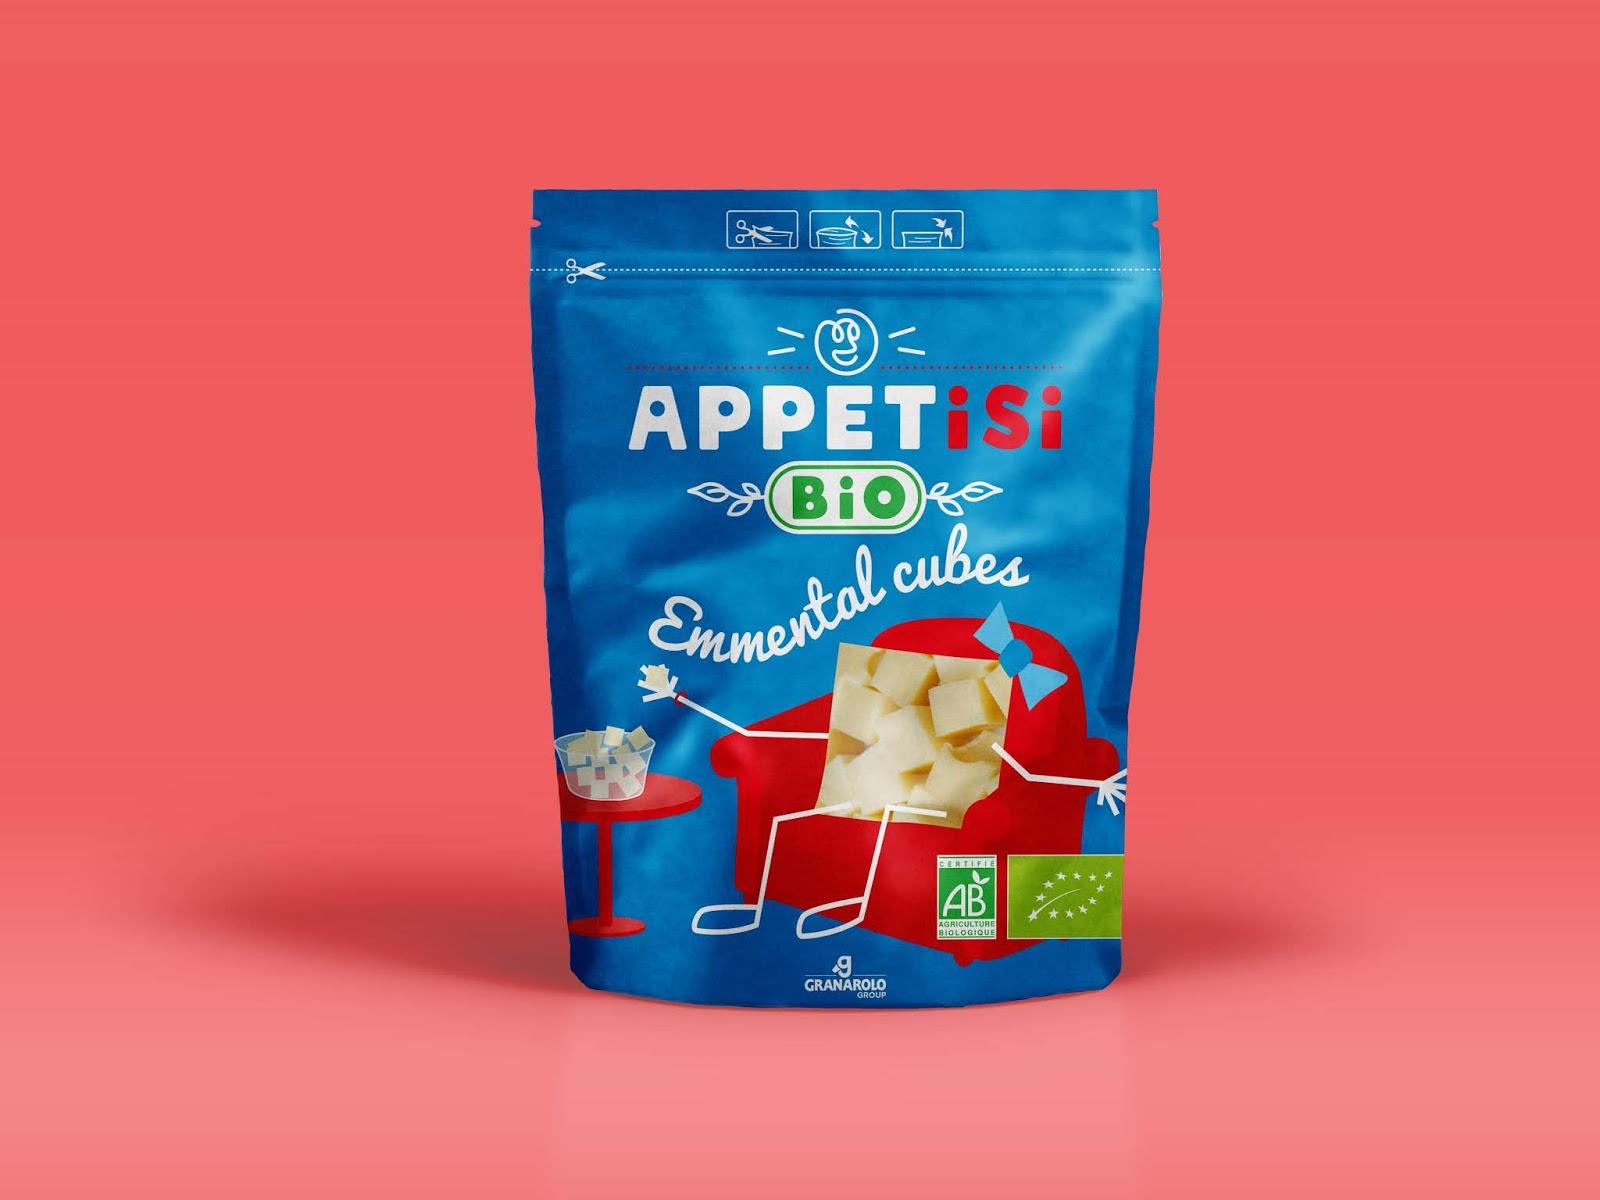 2Appetisi project - APPETiSi, des cubes de fromages design